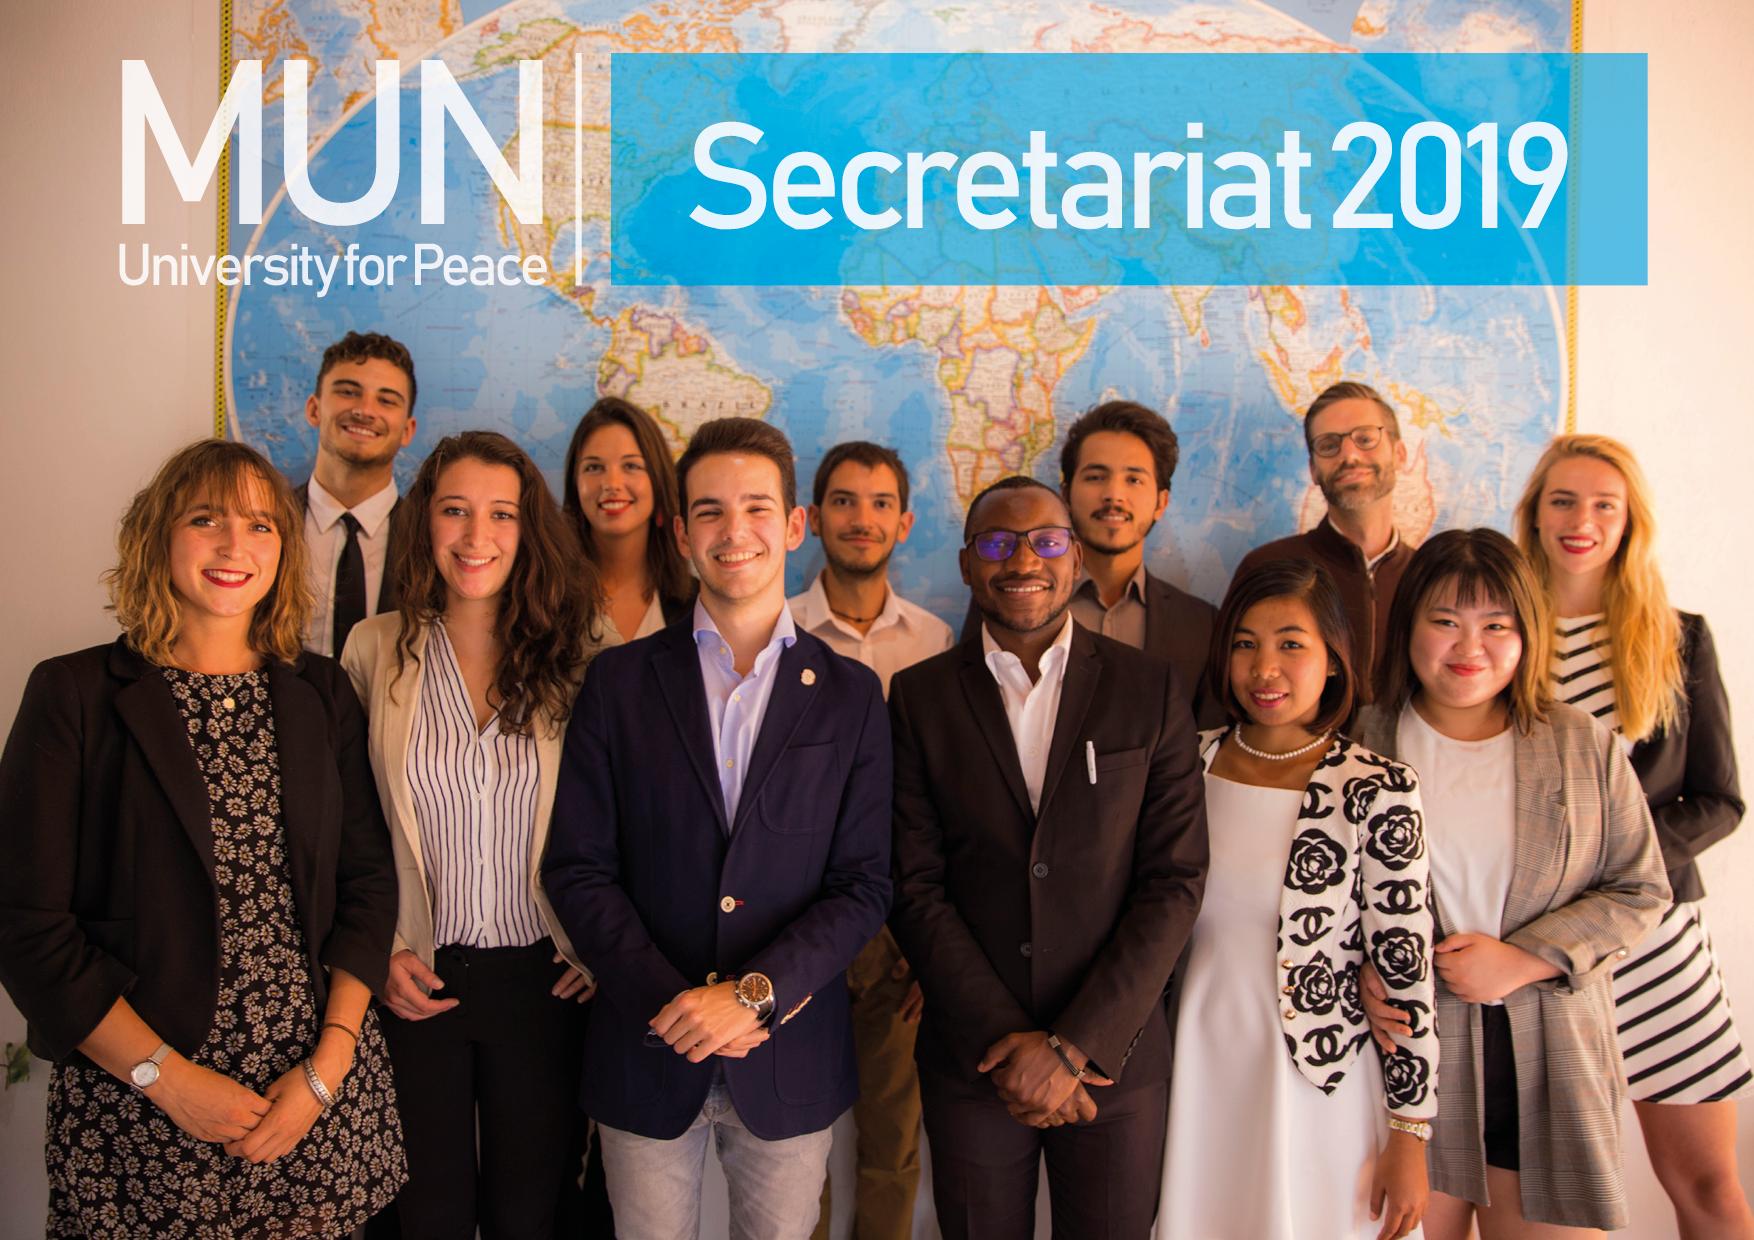 UPMUNC Secretariat 2019